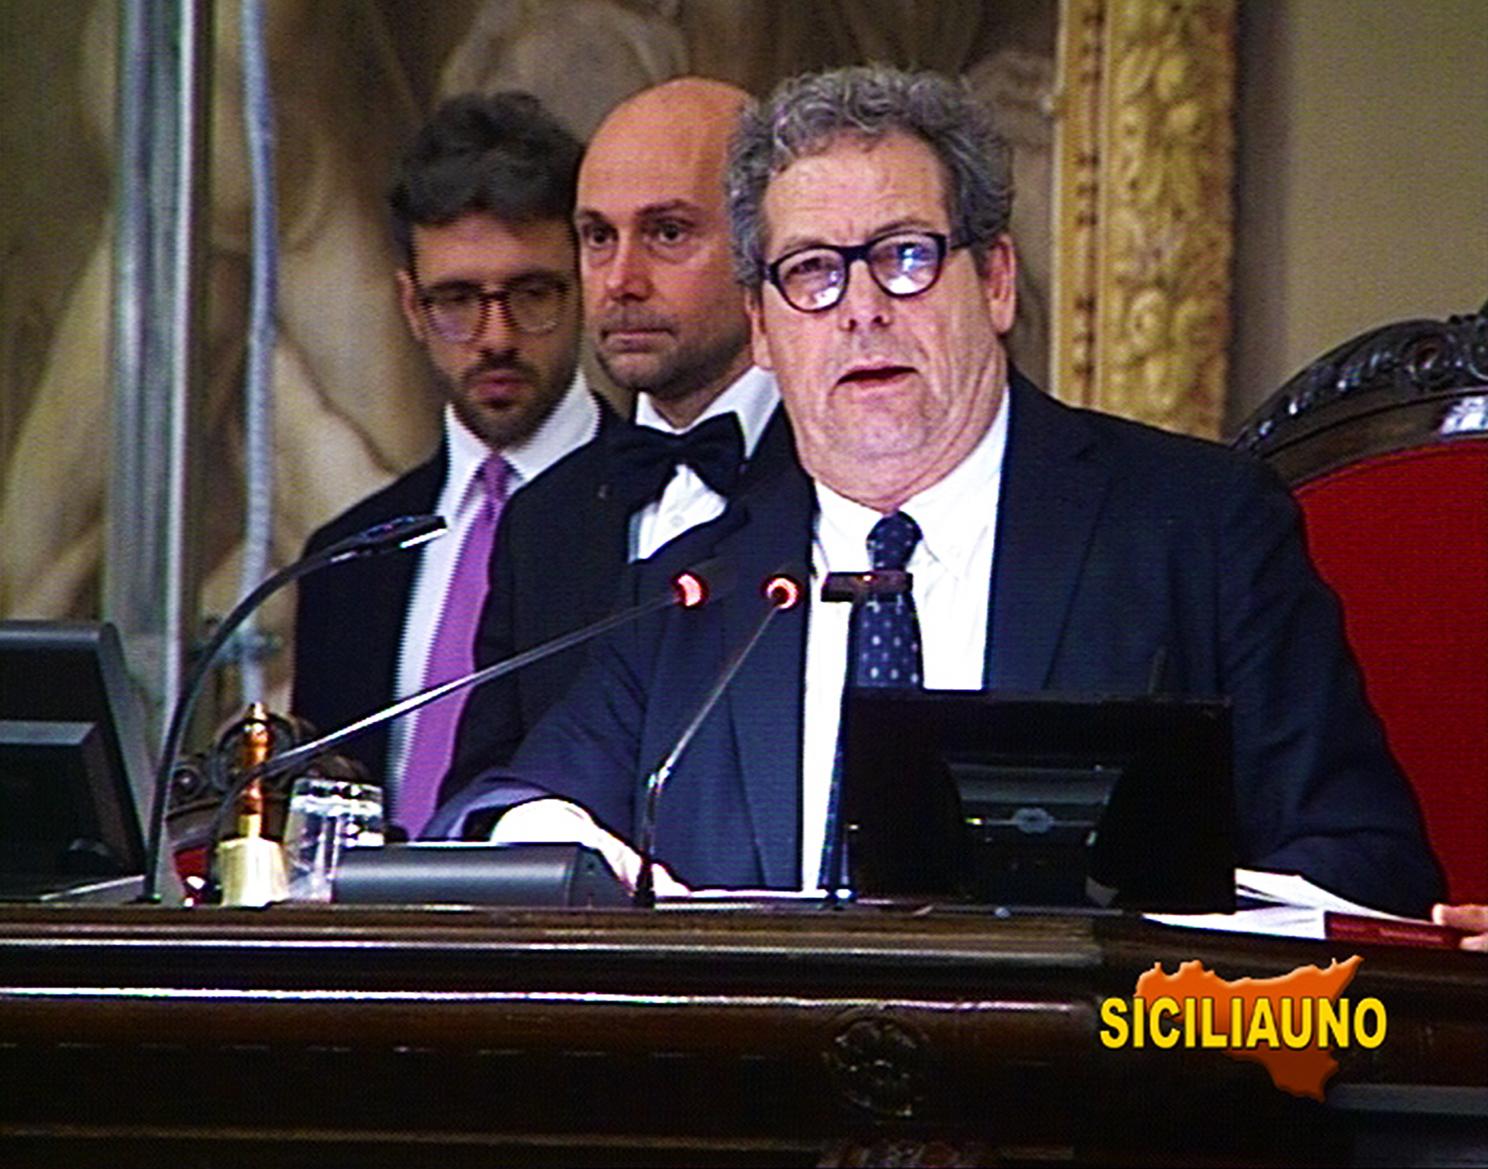 Ufficio Di Presidenza : Ufficio di presidenza miccichè: u201cdue segretari in più ma a costo